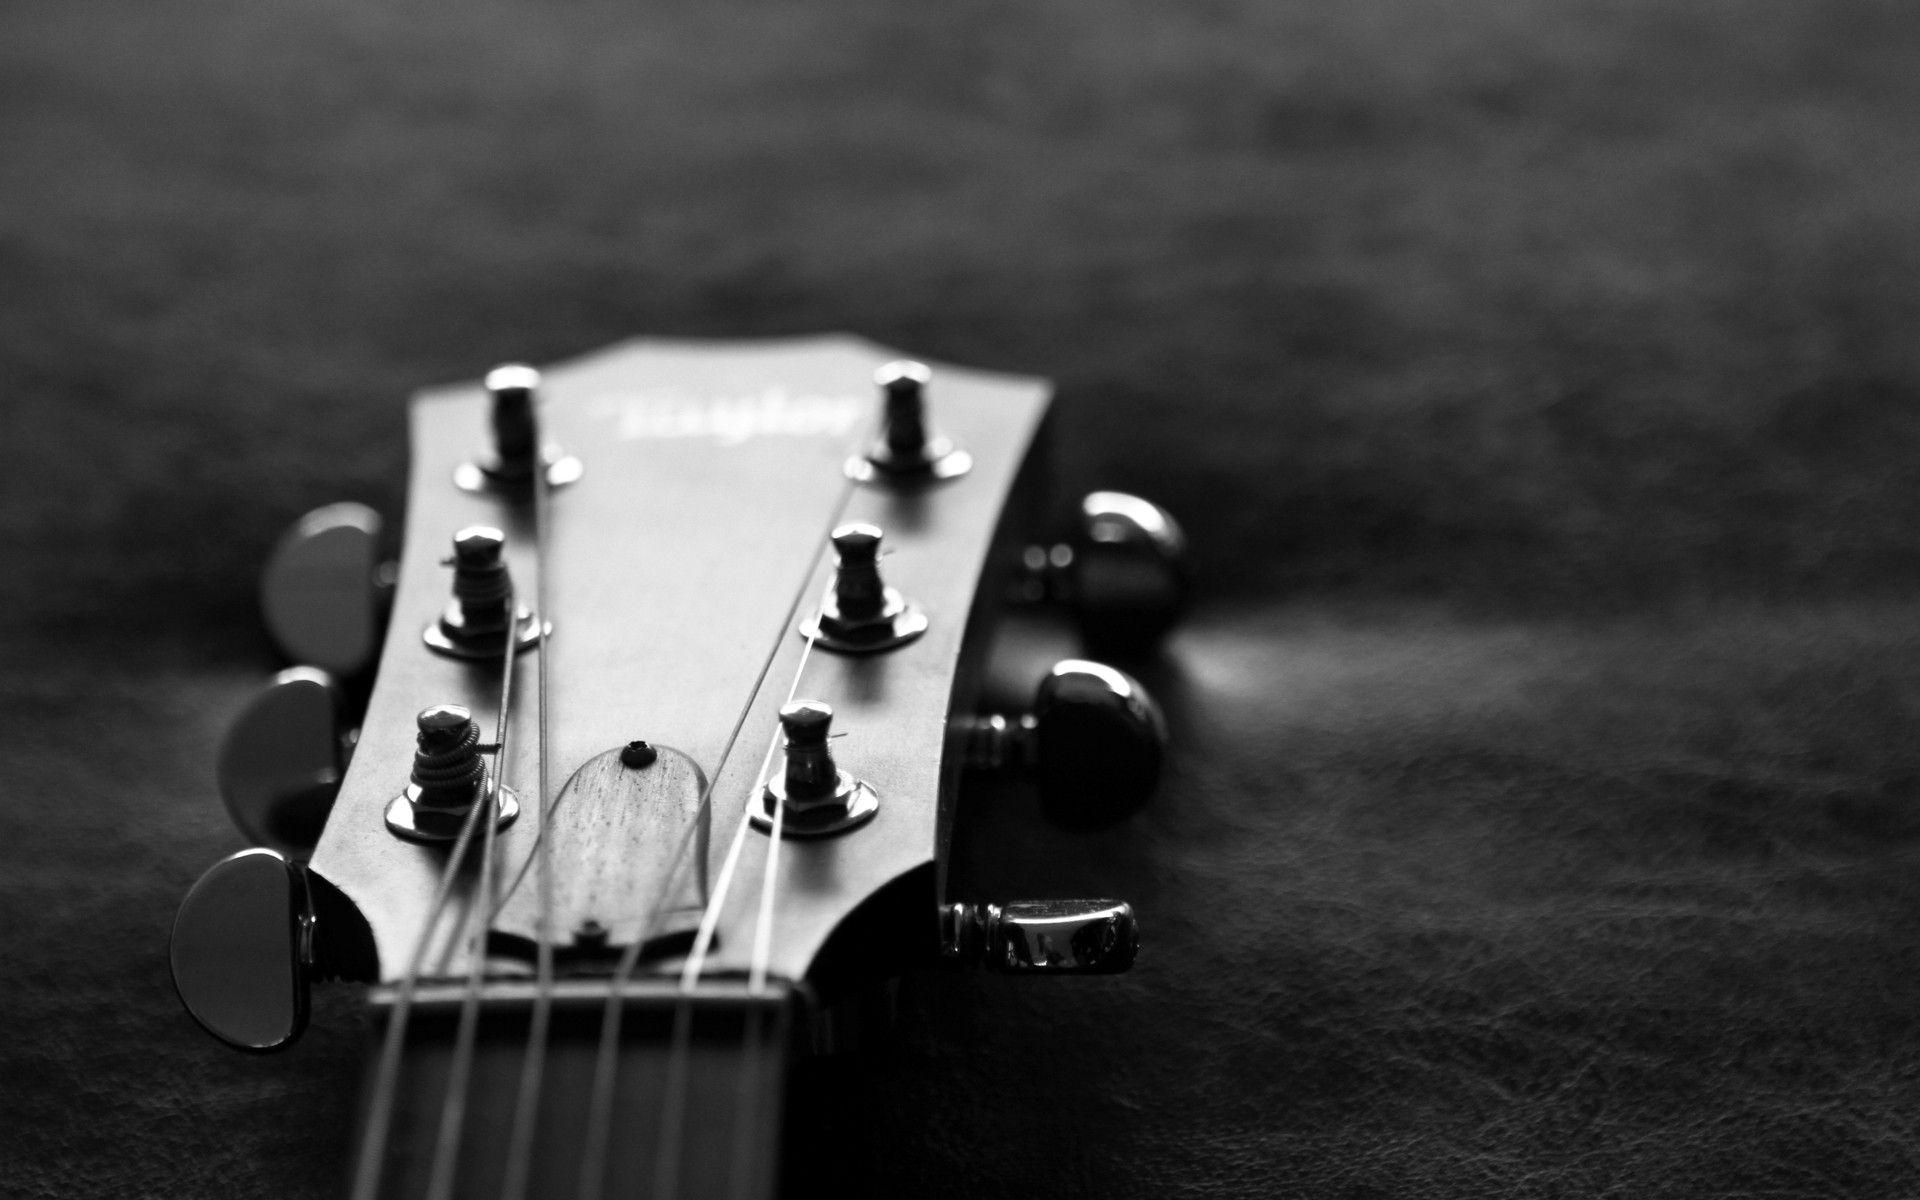 Guitar Wallpaper 45314 1920x1200px